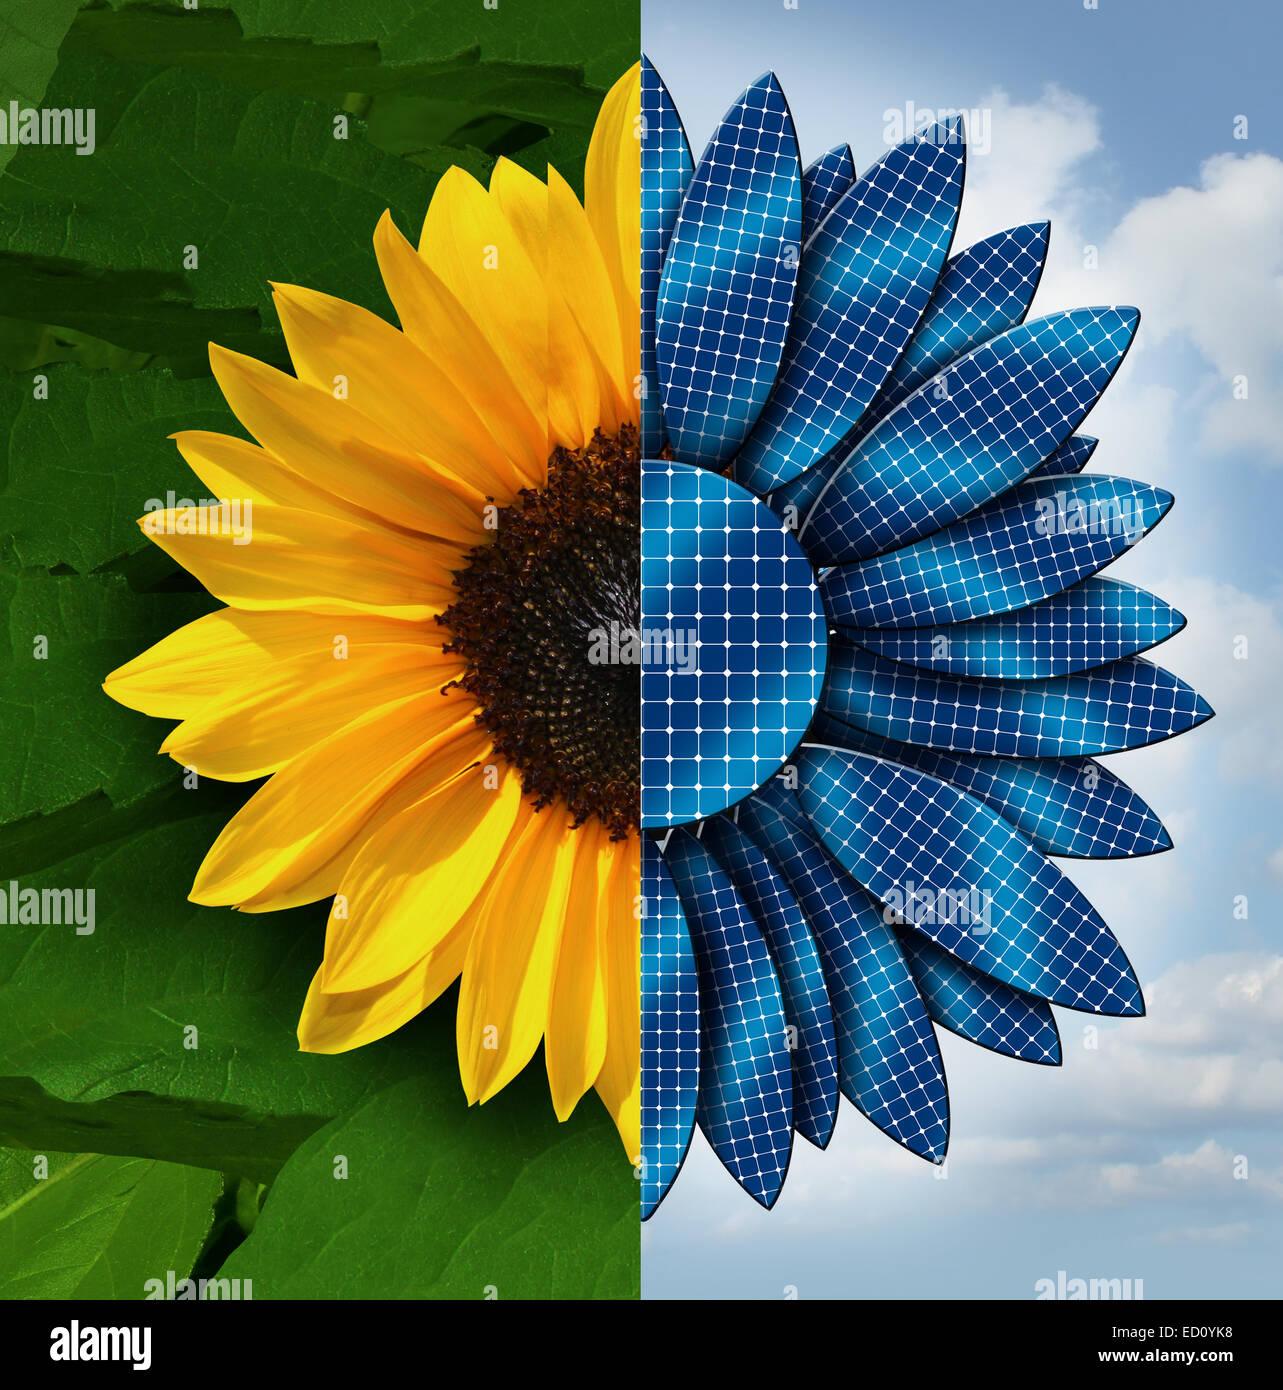 Sonne Energiekonzept wie eine Sonnenblume in zwei Teile geteilt mit der Gegenseite als Solar-Panel Blütenblätter Stockbild